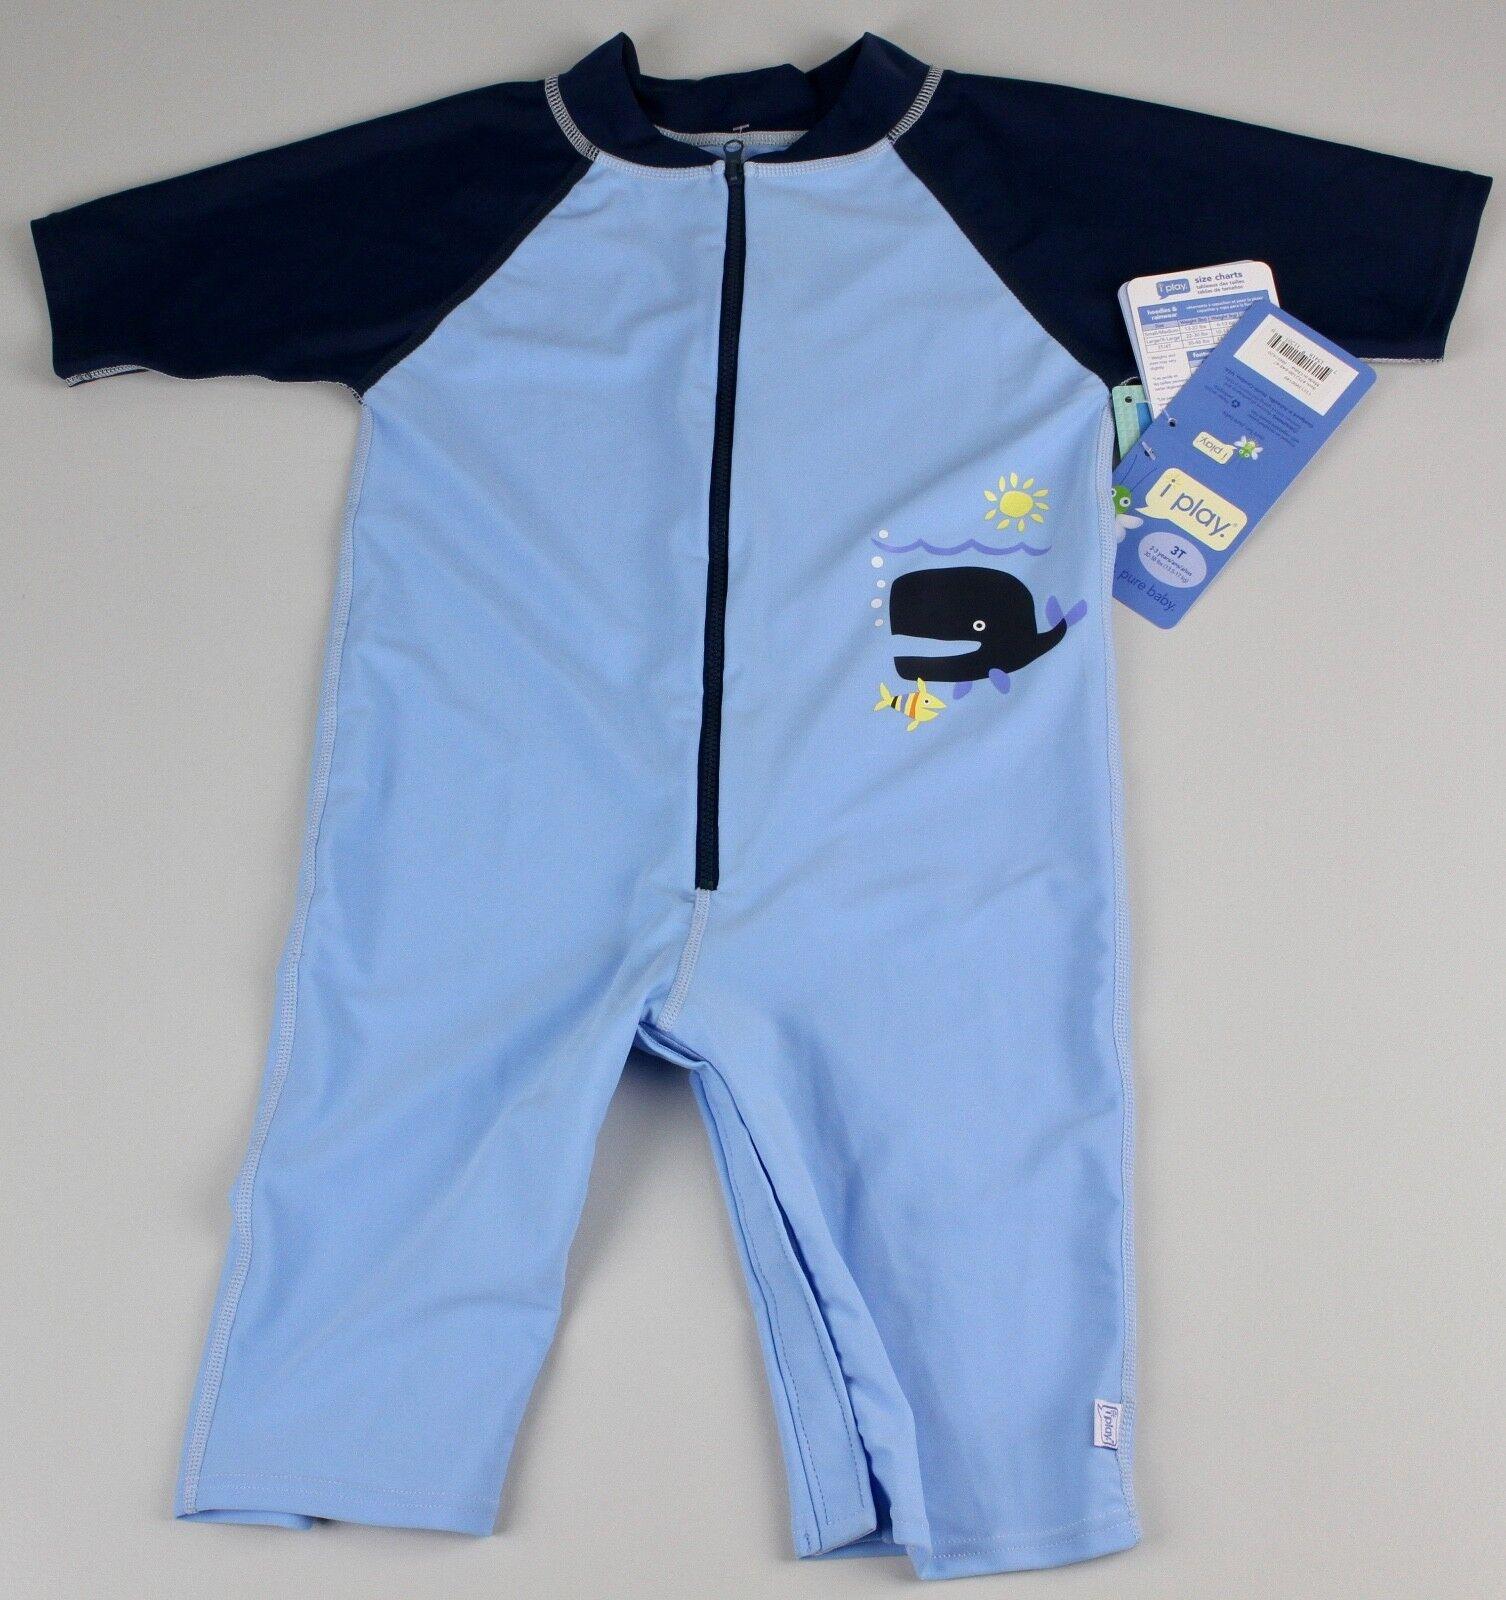 IPlay Baby One Piece Swimsuit Anzug Blau Sonnenschutz 50+ 2-3 Jahre B6-WAL